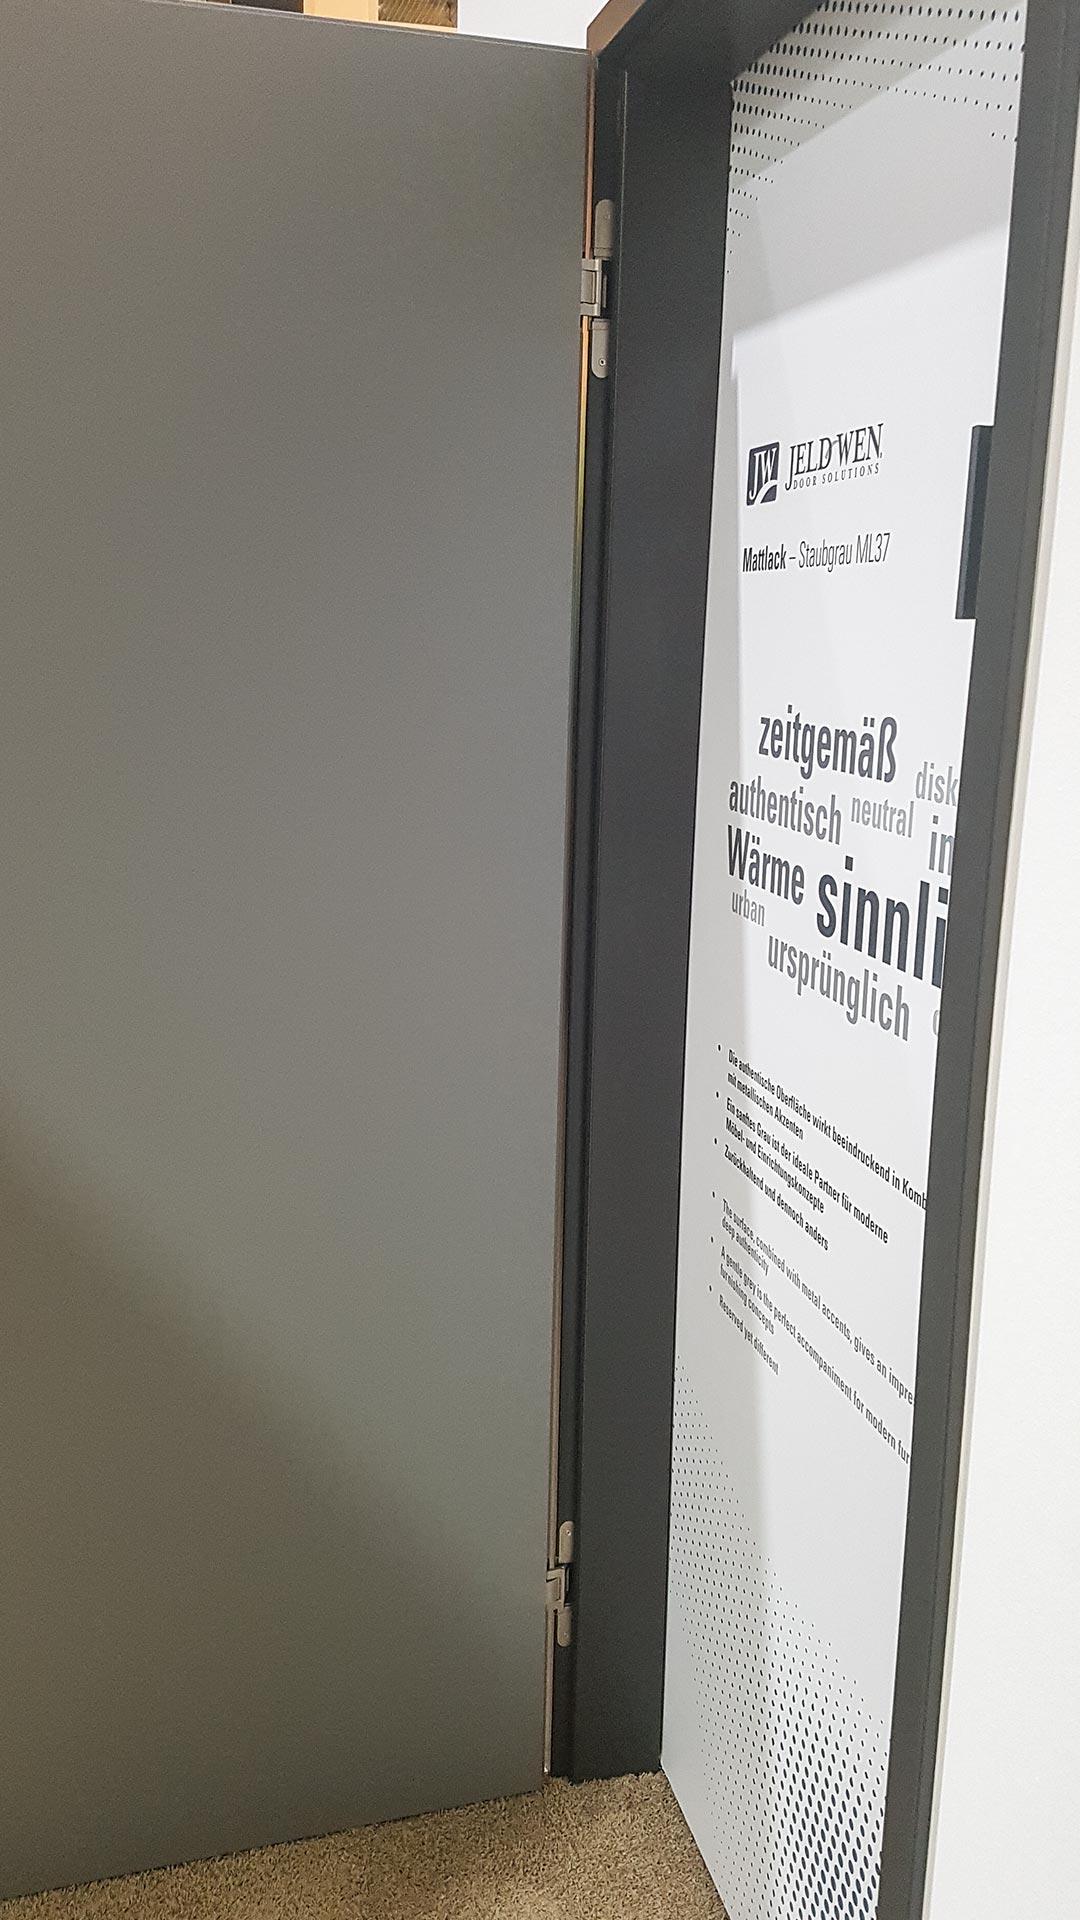 Das innovative Beschlagssystem verleiht gefälzten Innentüren einen ganz neuen Appeal.